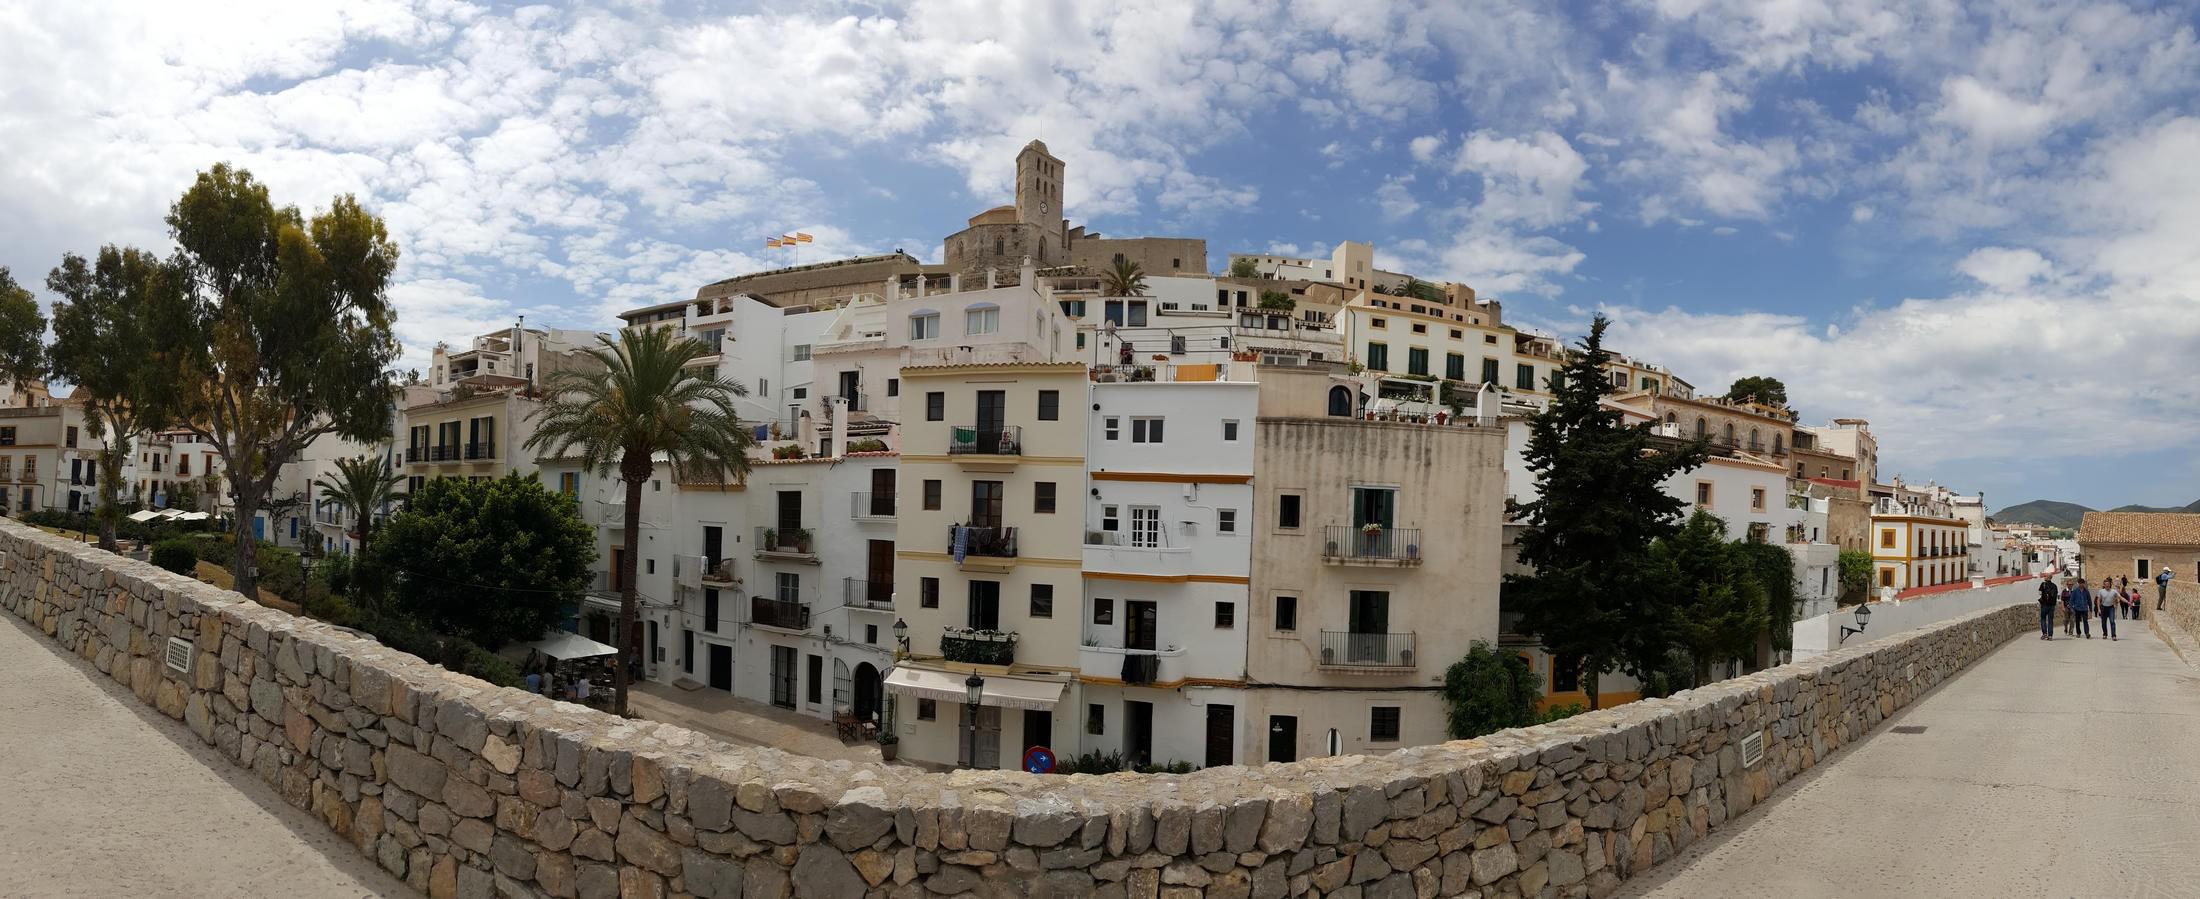 Dalt Vila La Antigua Ciudad Amurallada de Ibiza